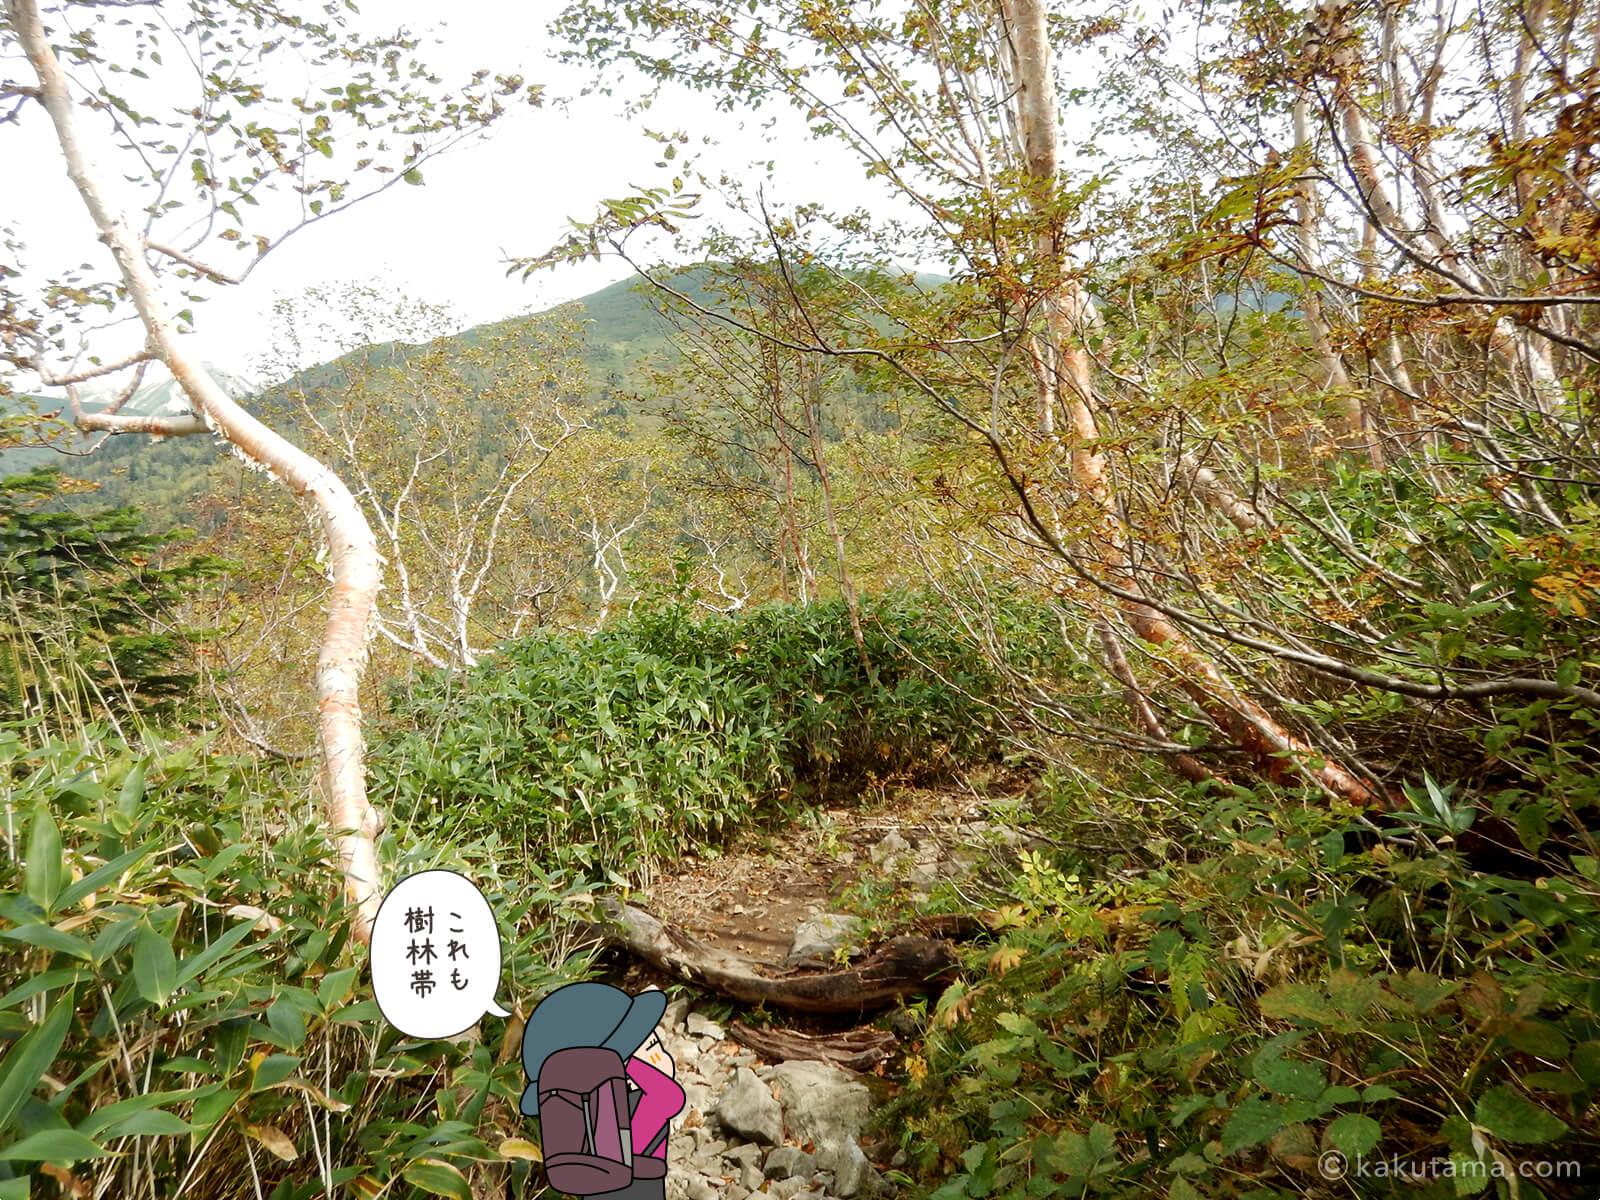 薄い樹林帯を歩く